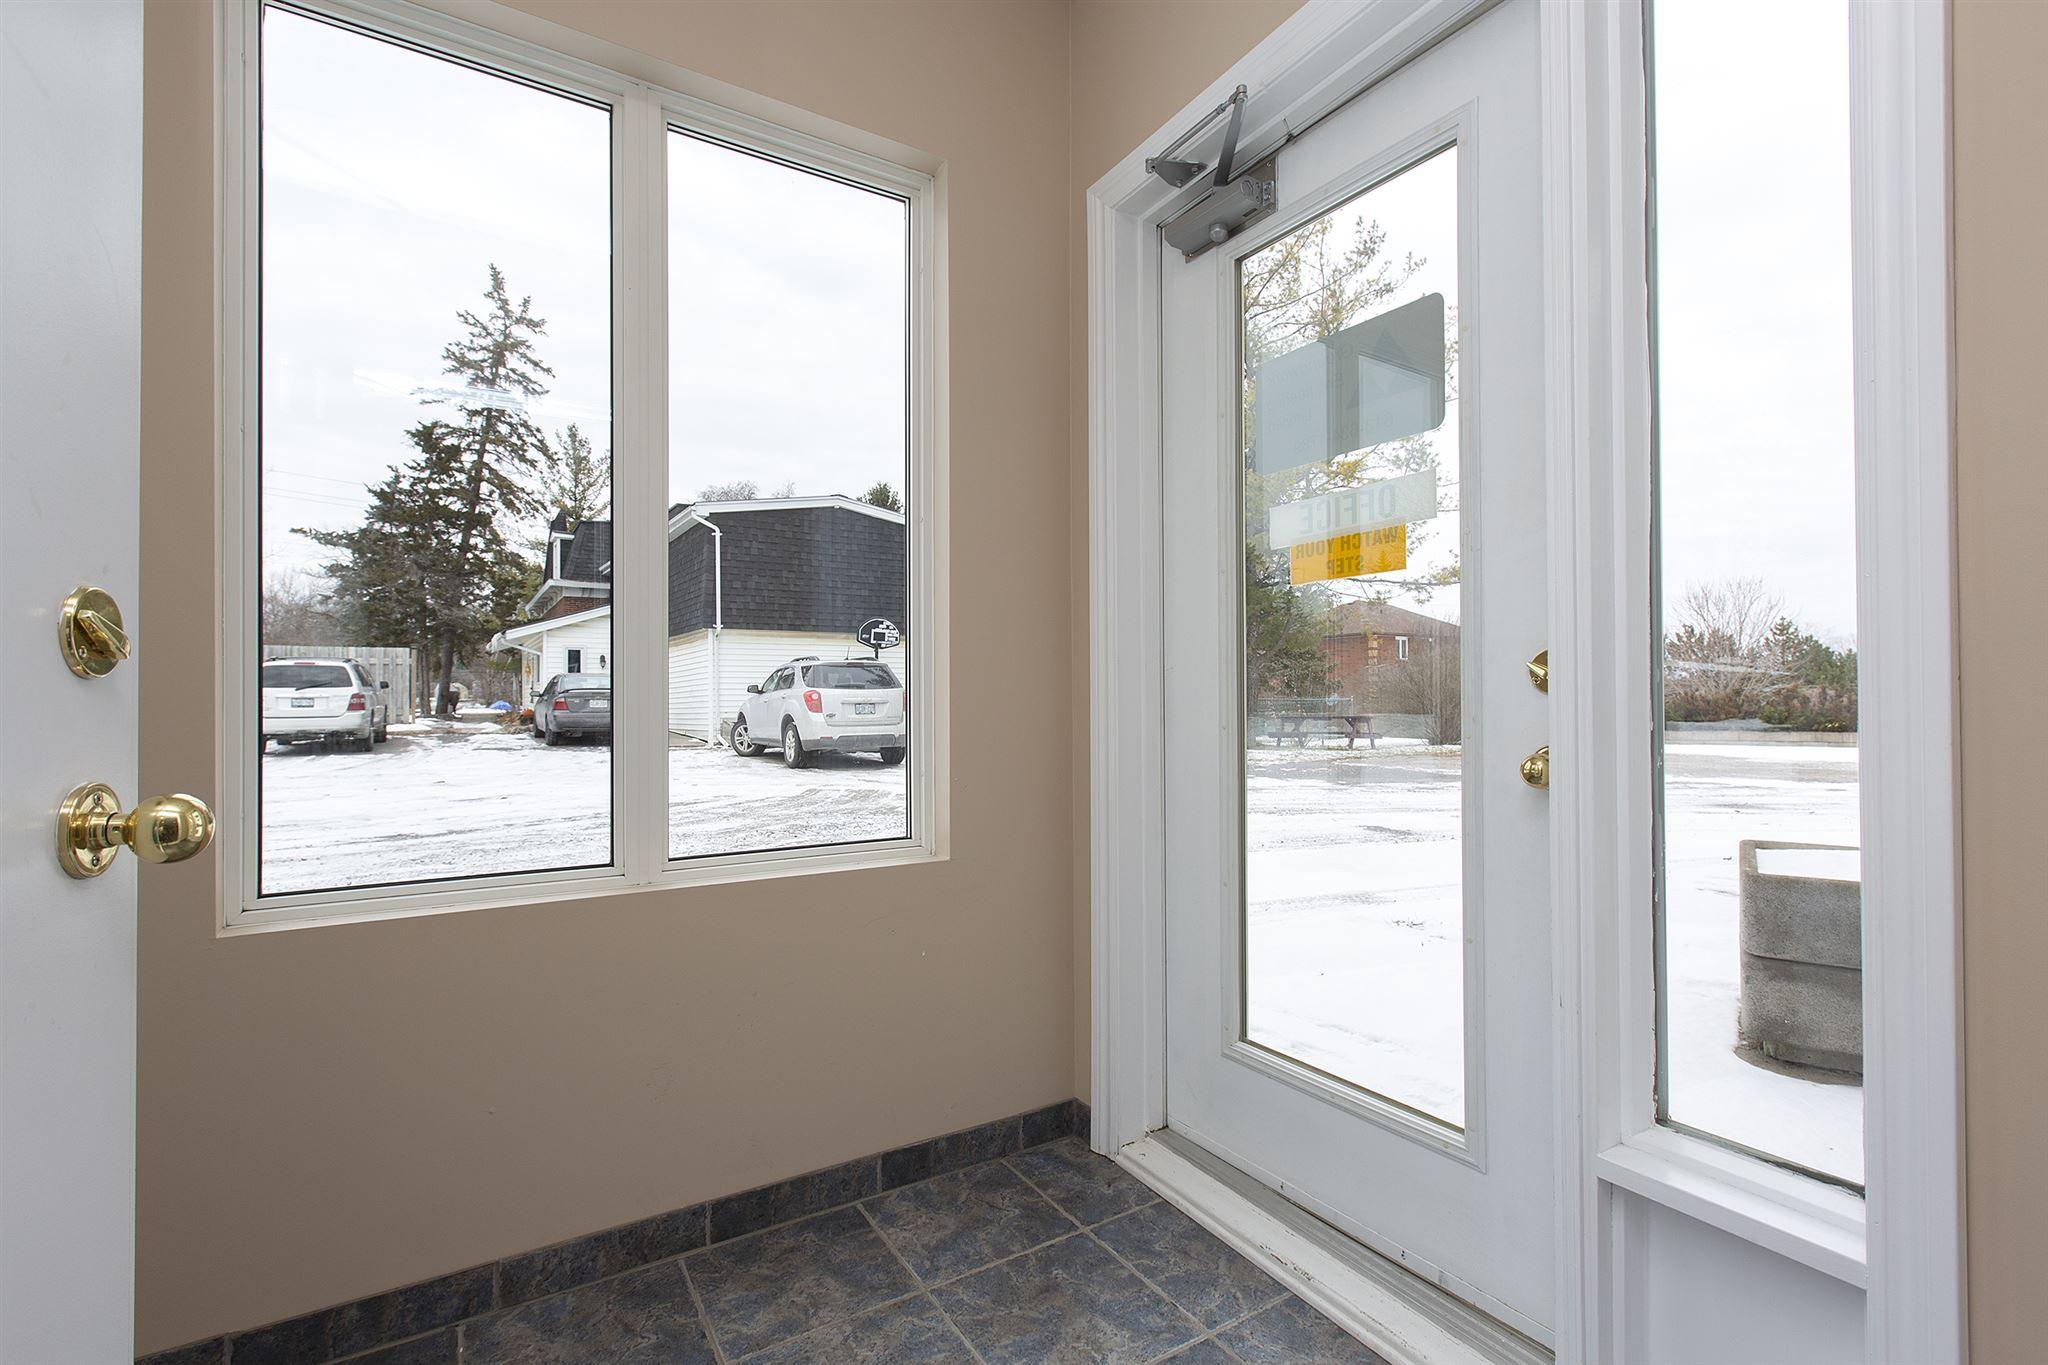 3441/3443 Princess Street, Kingston, Ontario (ID K19007616)